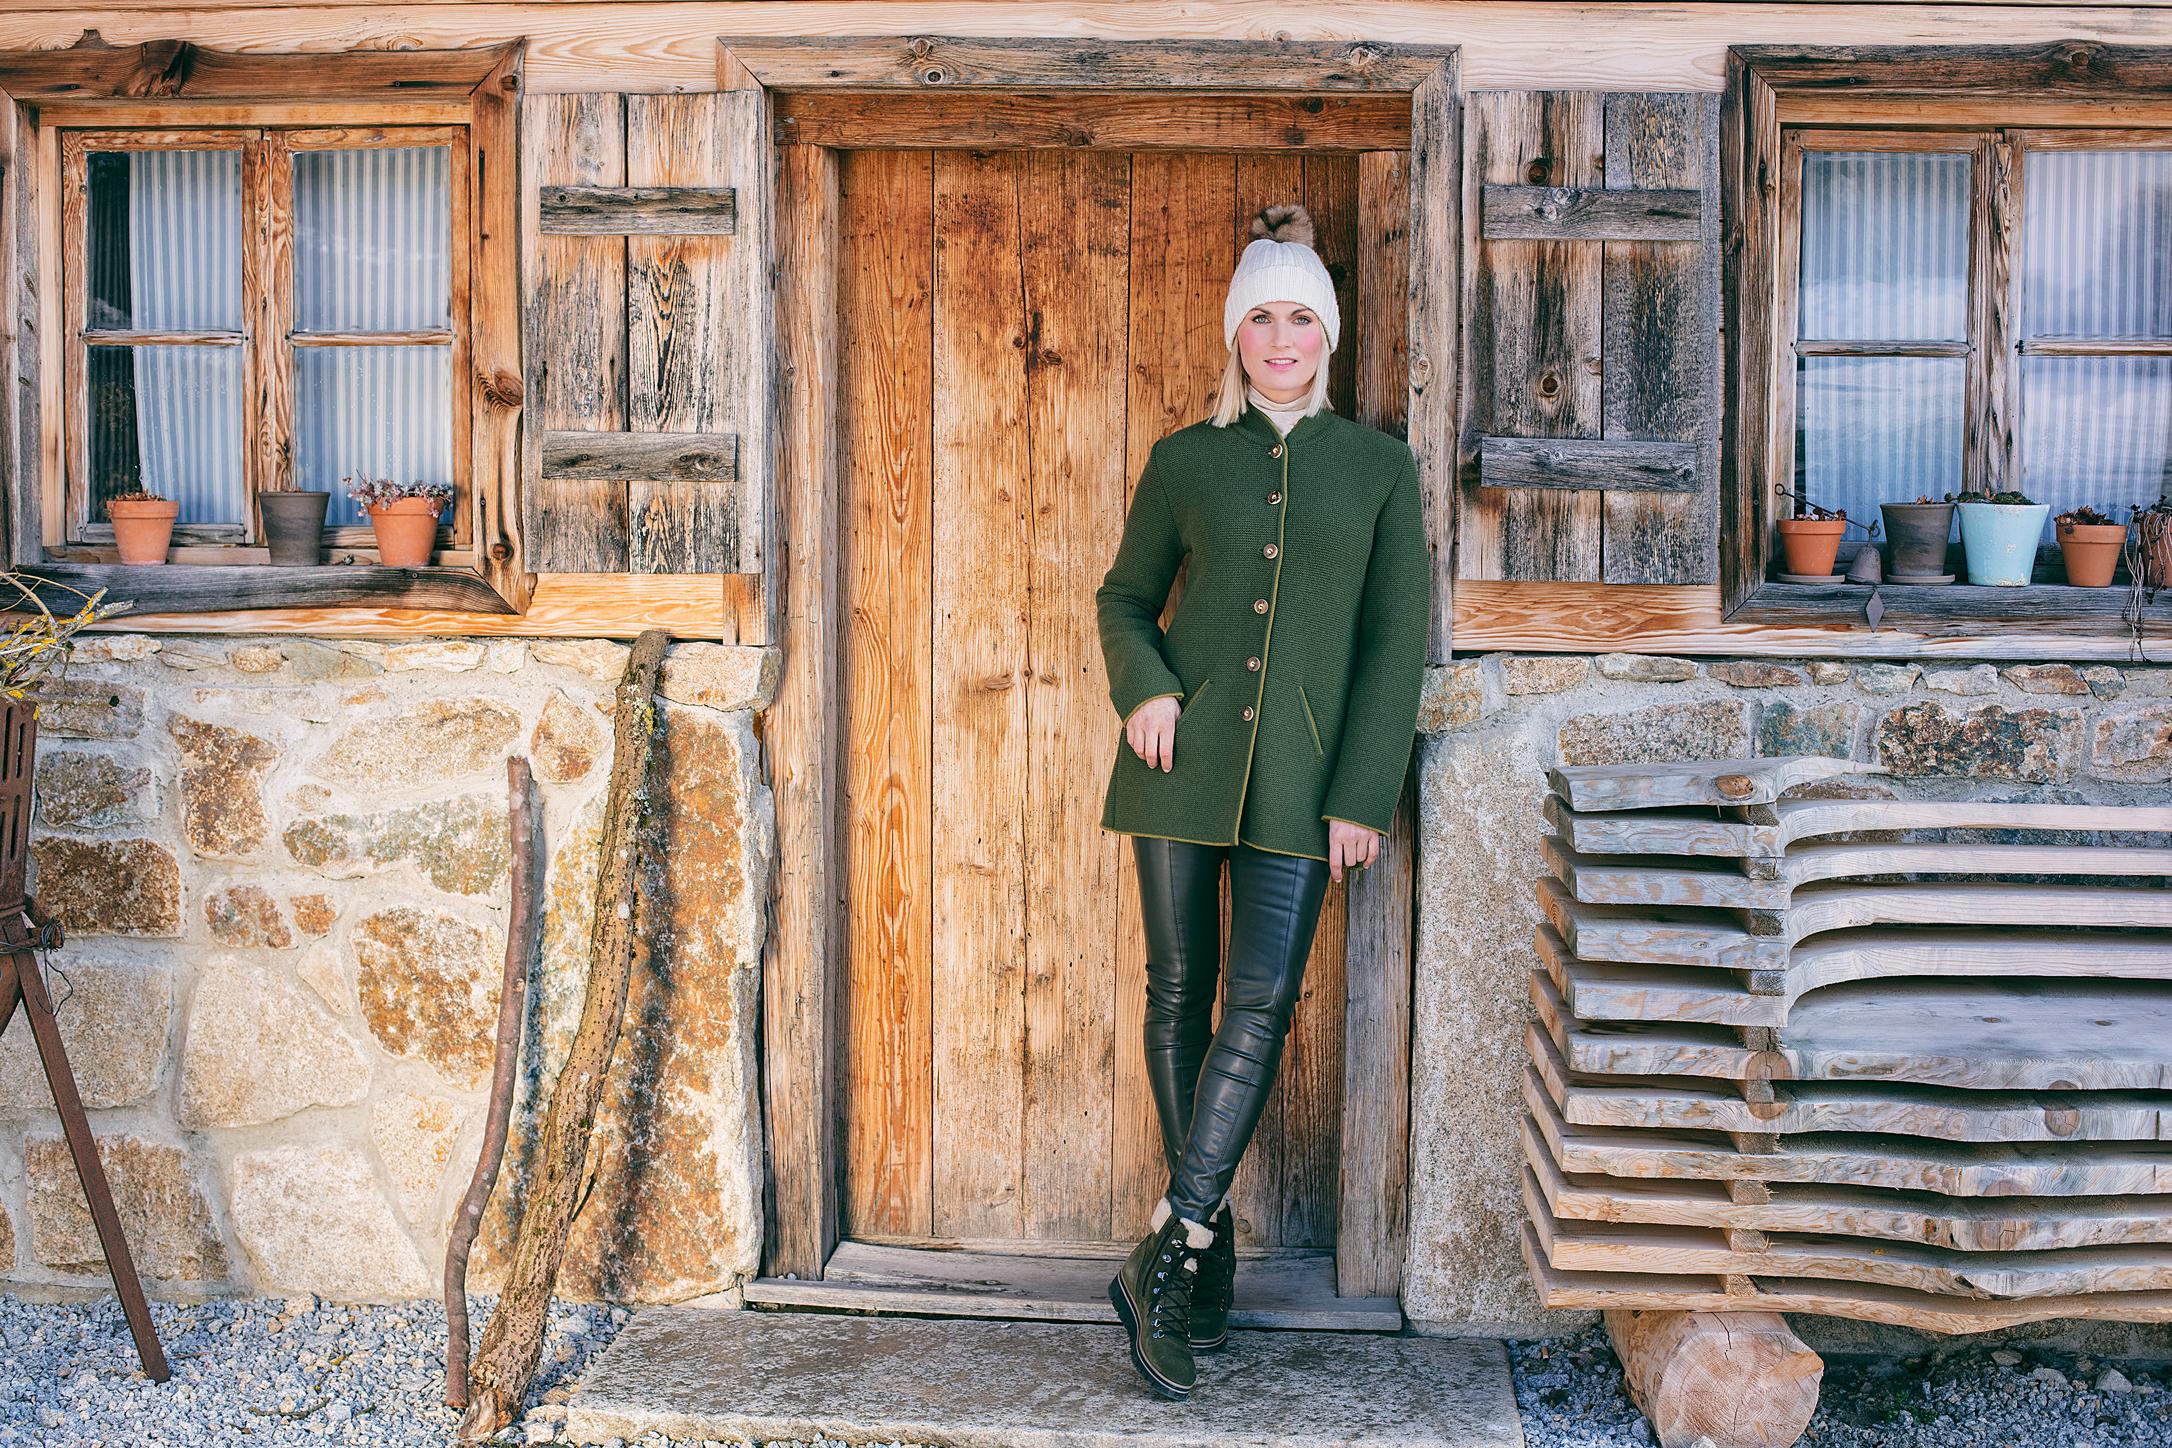 Damenmode von höchster Qualität bei Huber Moden & Trachten